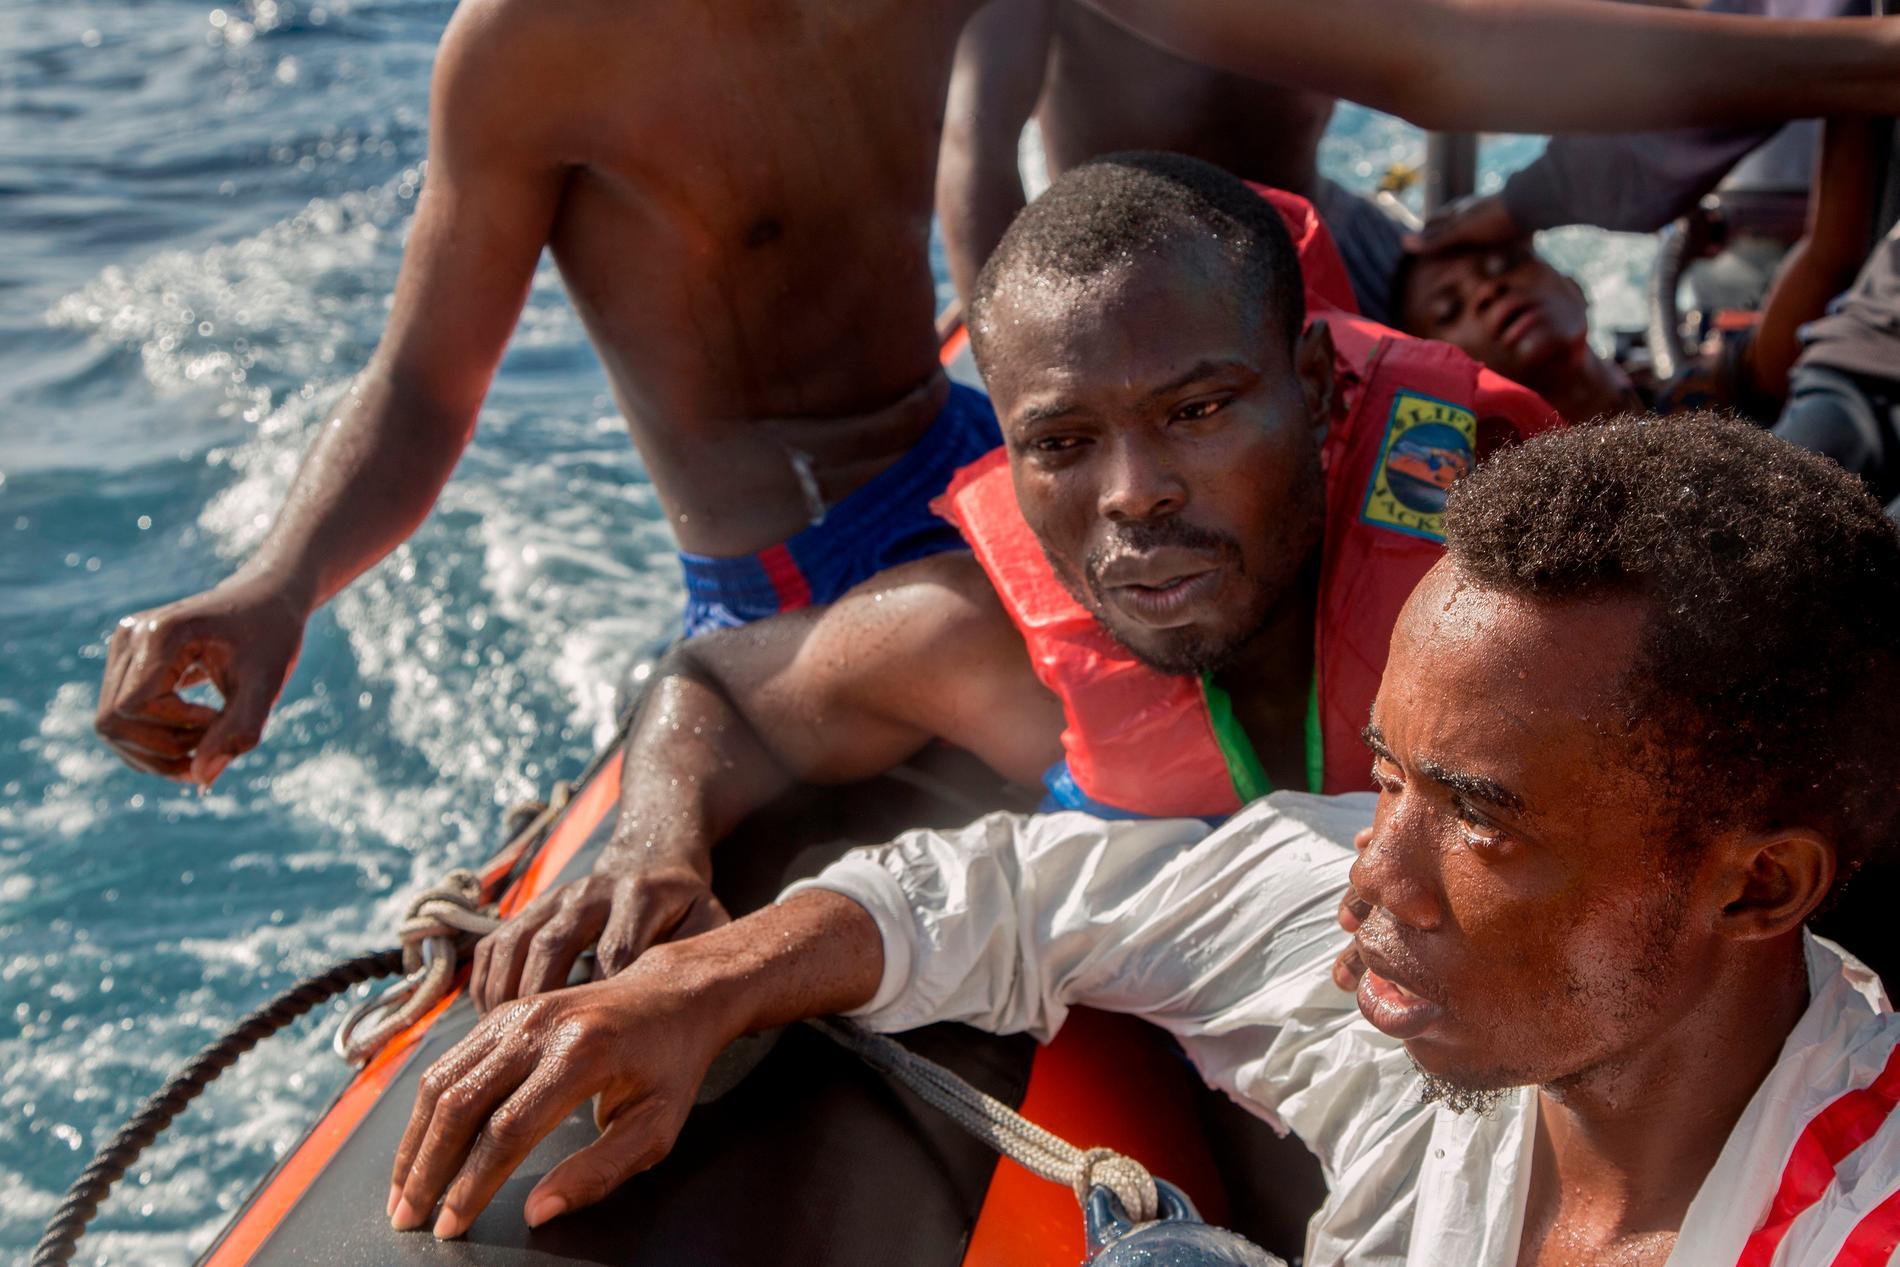 58 personer kunde räddas av den tyska organisationen Sea watch, men fem personer, inklusive ett litet barn, klarade sig inte.